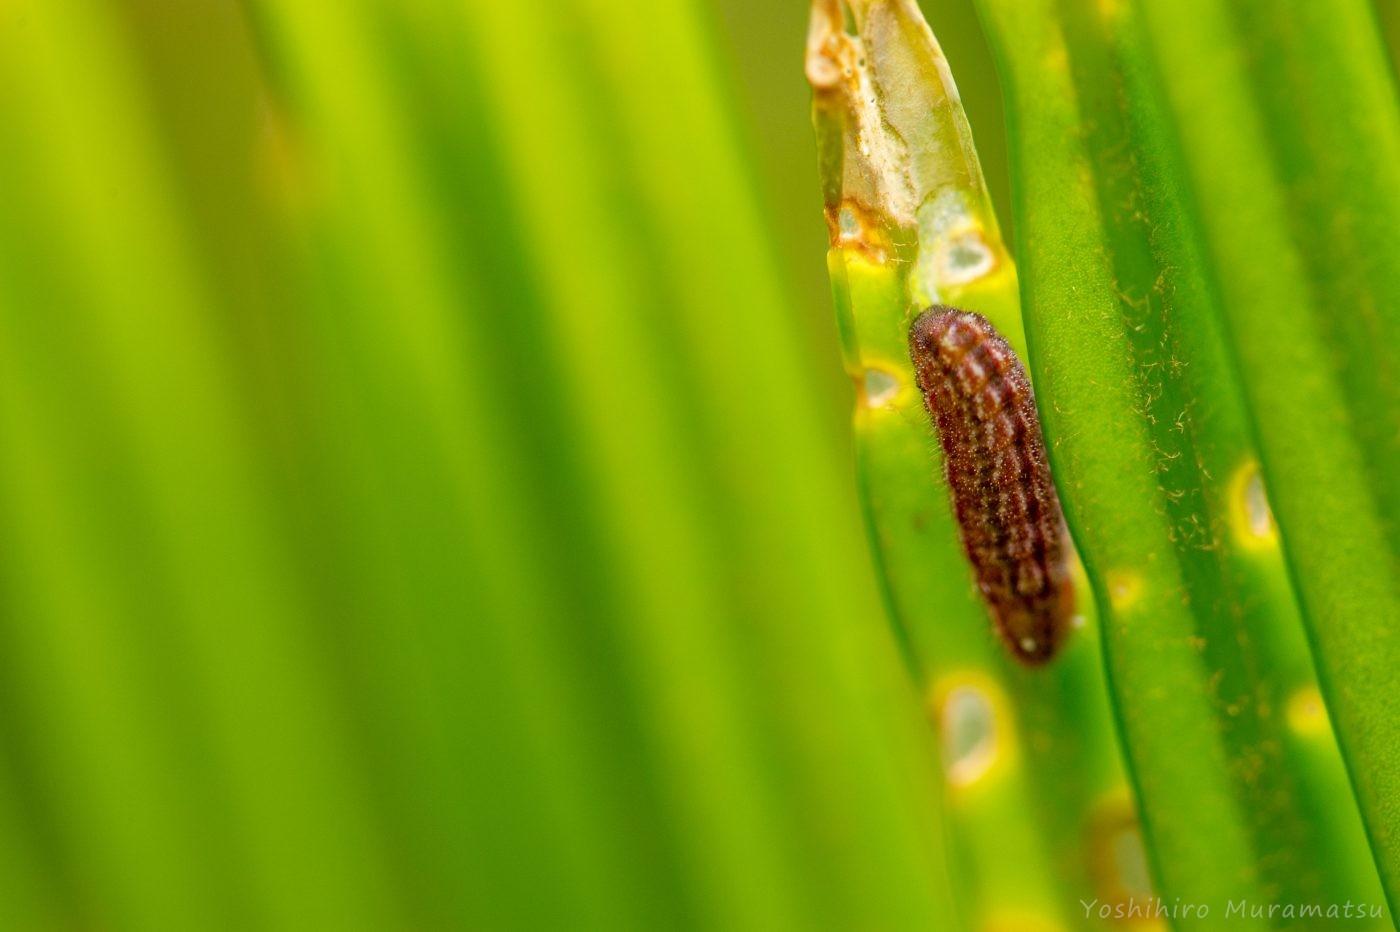 クロマダラソテツシジミの幼虫の写真